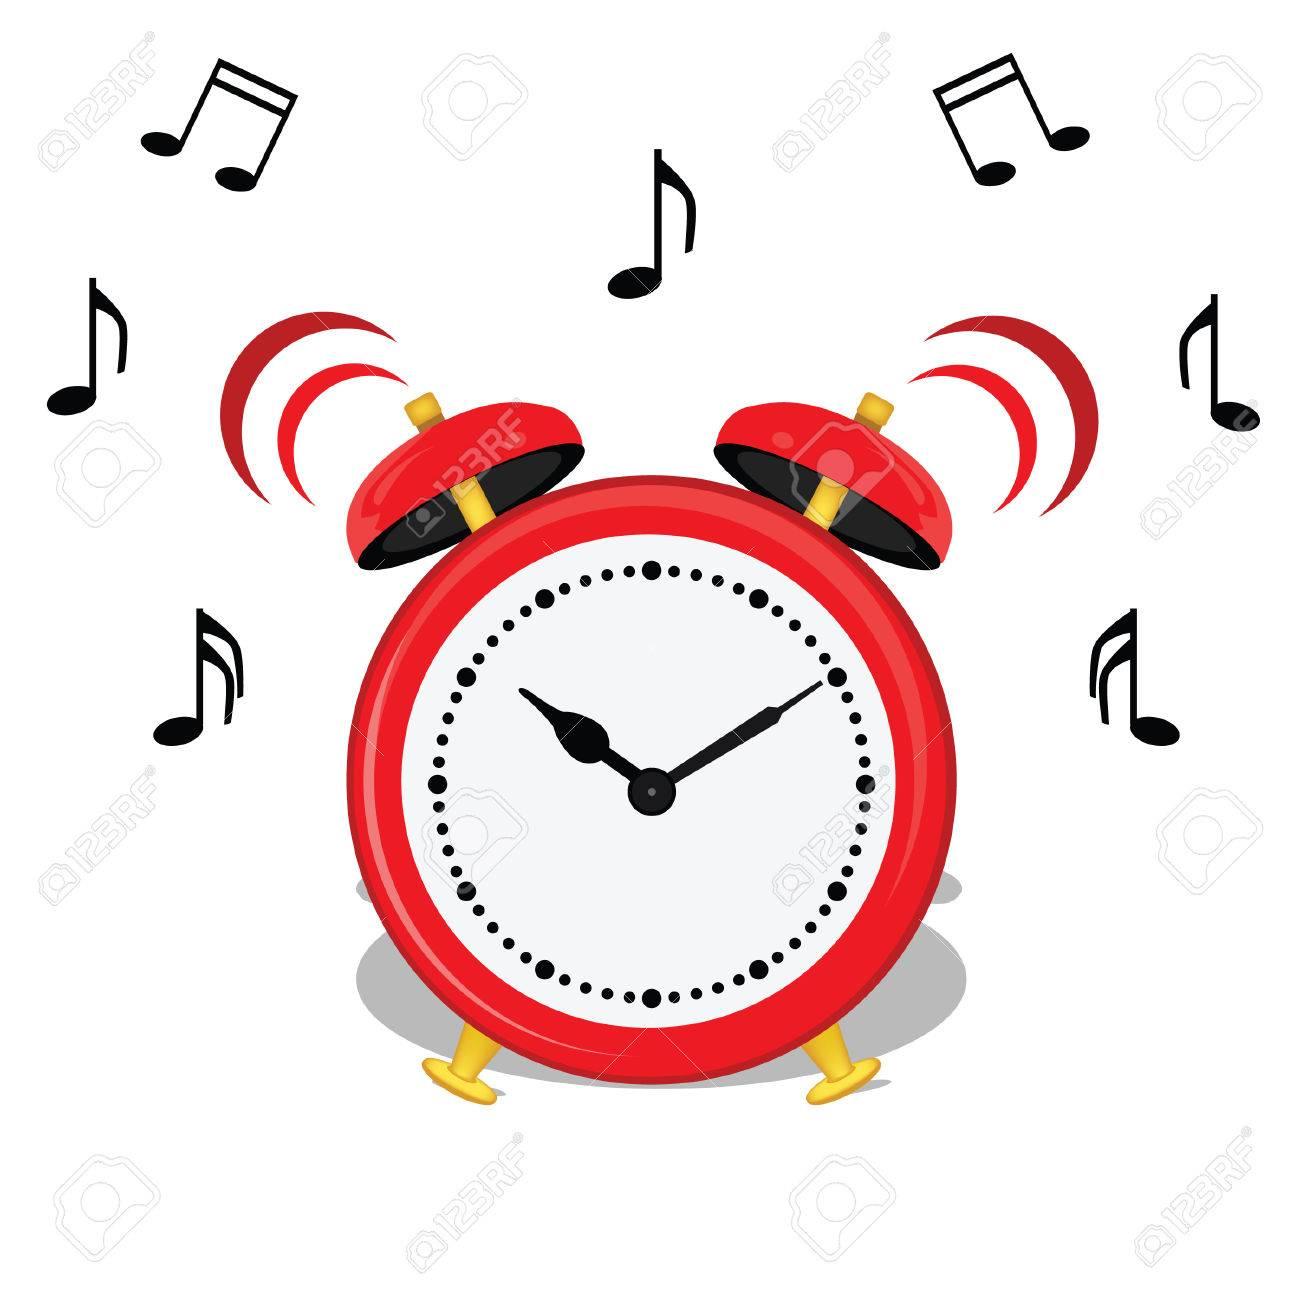 banque d images vector illustration de l alarme de bande dessinee horloge et notes de musique symboles rouge classique icone du reveil debout